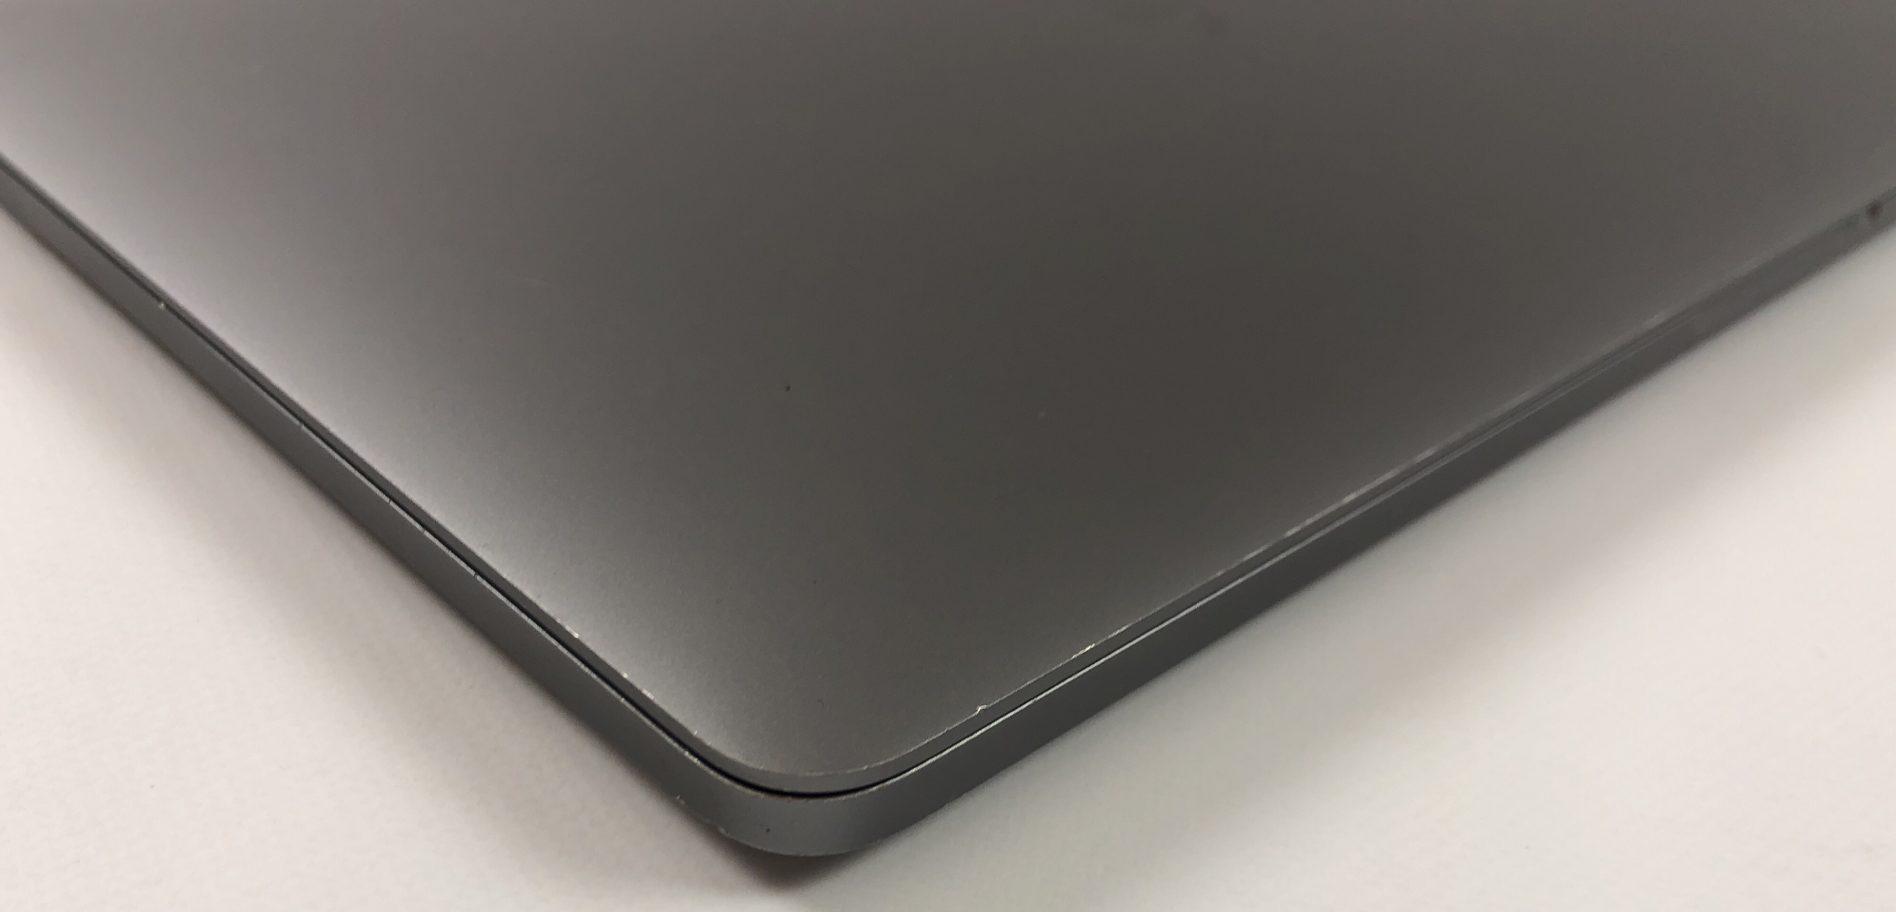 """MacBook Pro 13"""" 4TBT Mid 2017 (Intel Core i5 3.1 GHz 16 GB RAM 256 GB SSD), Space Gray, Intel Core i5 3.1 GHz, 16 GB RAM, 256 GB SSD, bild 7"""